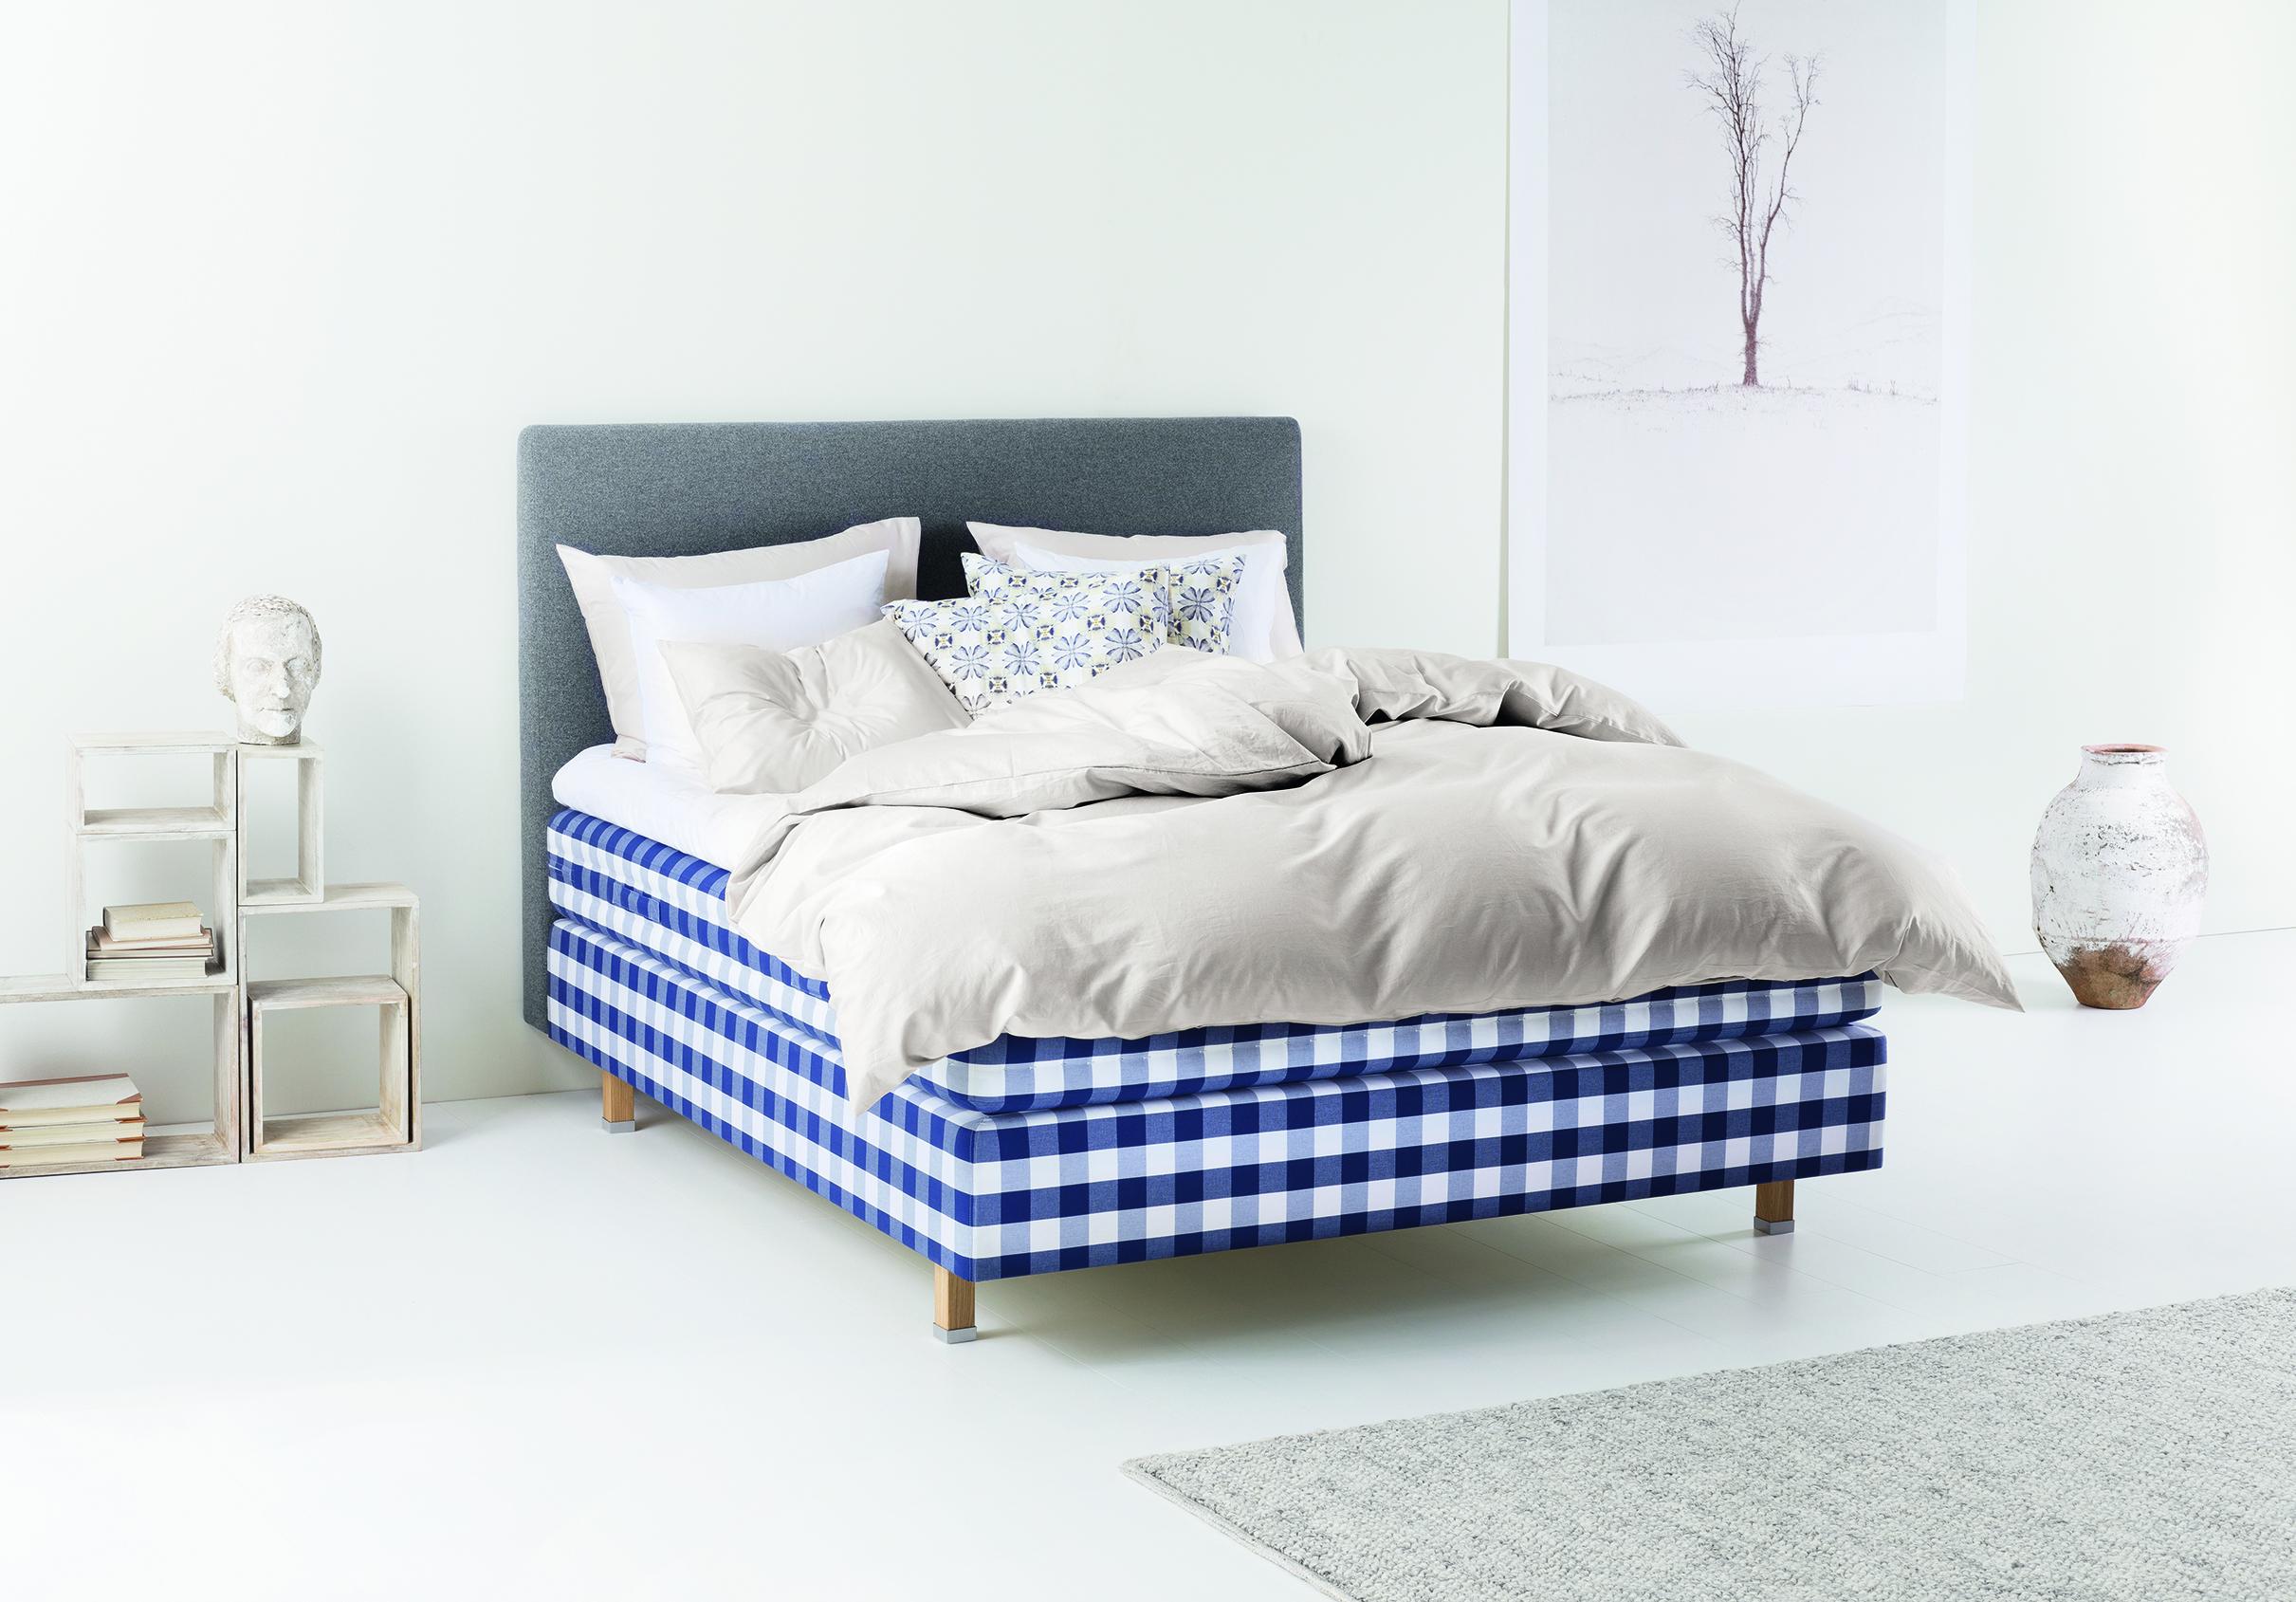 Mitteleuropäische Betten